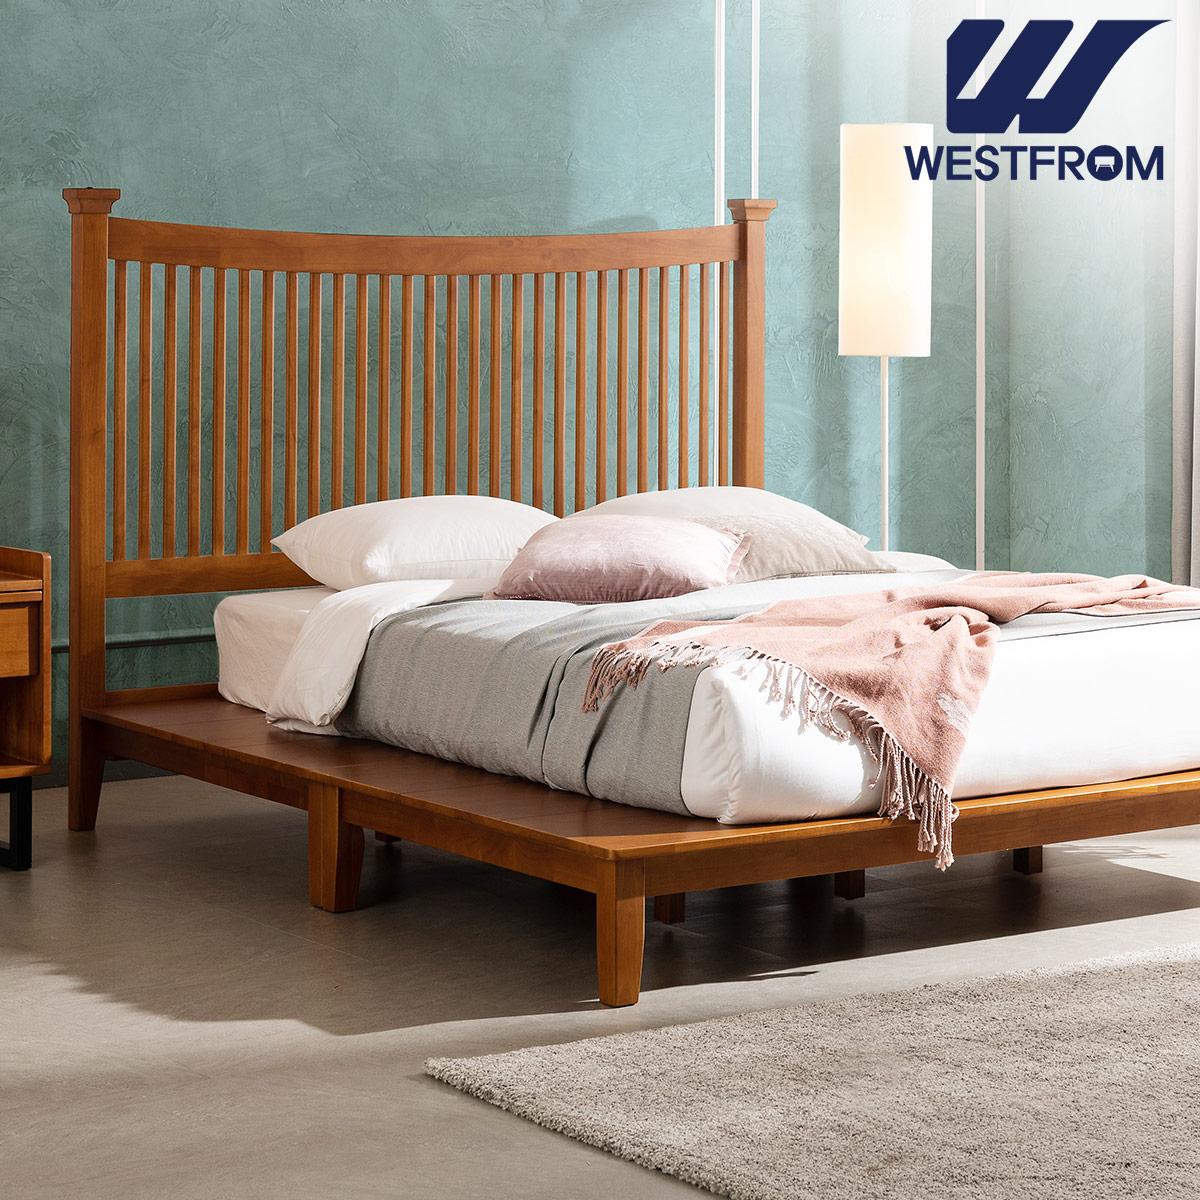 [웨스트프롬] 모던 마가렛) 고무나무원목 평상형 침대(라지K) / 텐더 리버 K매트리스 / 전국착불